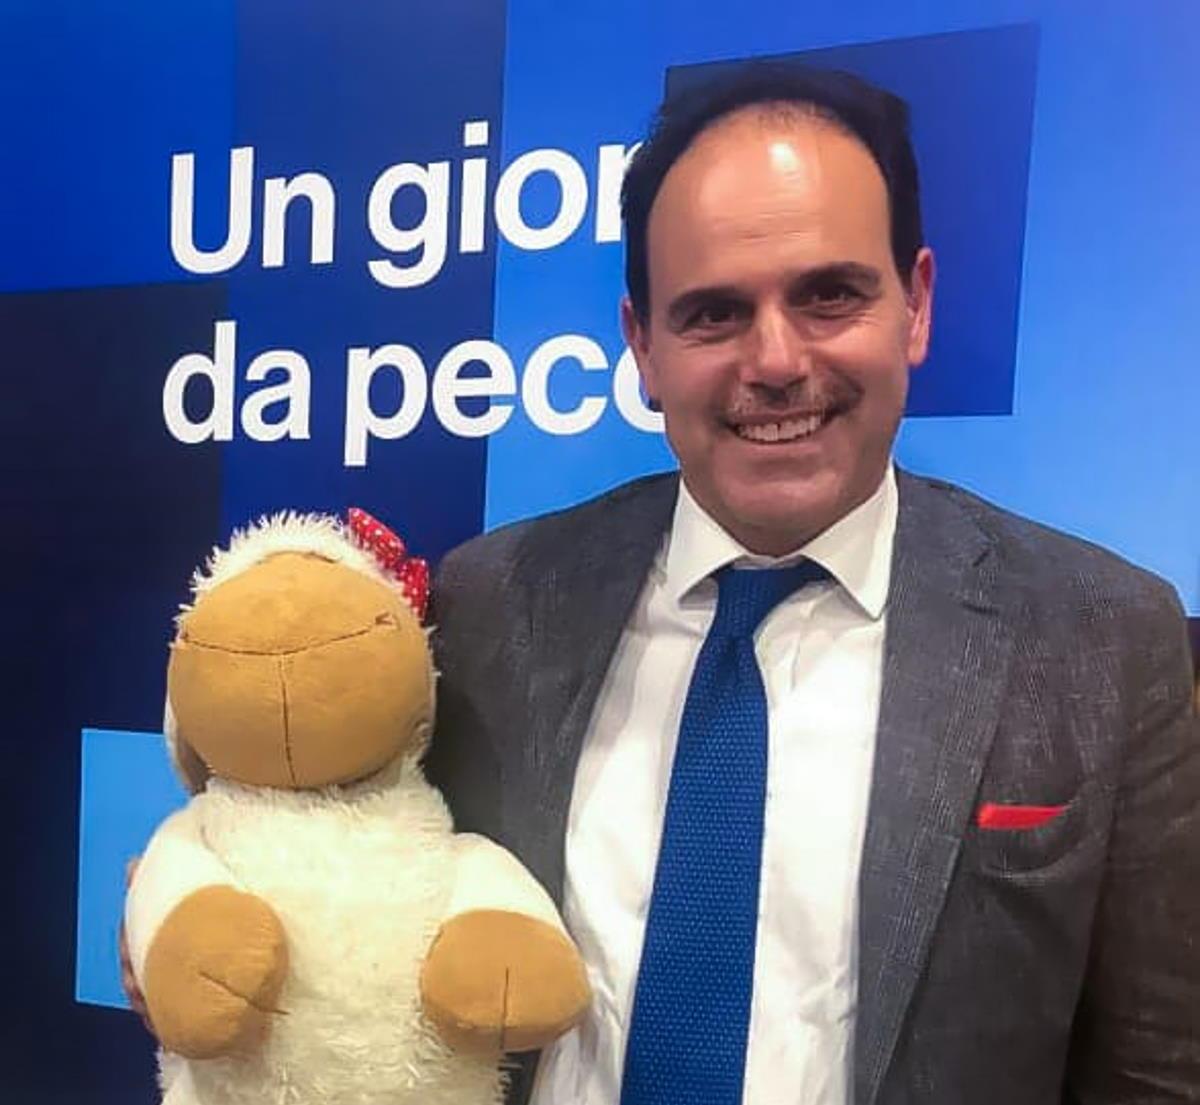 Zingaretti accusa i renziani e si dimette da segretario del Pd